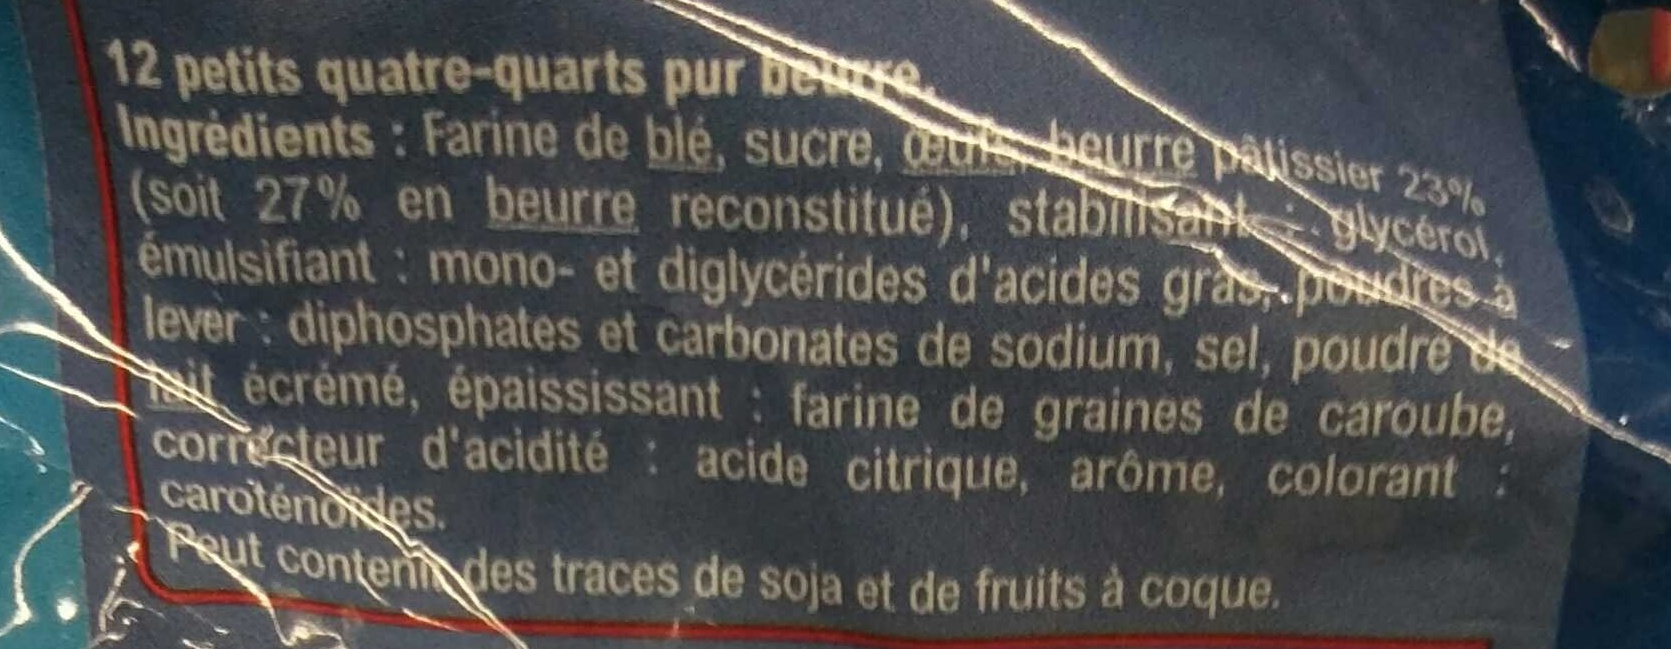 Mini Quatre Quarts - Ingrediënten